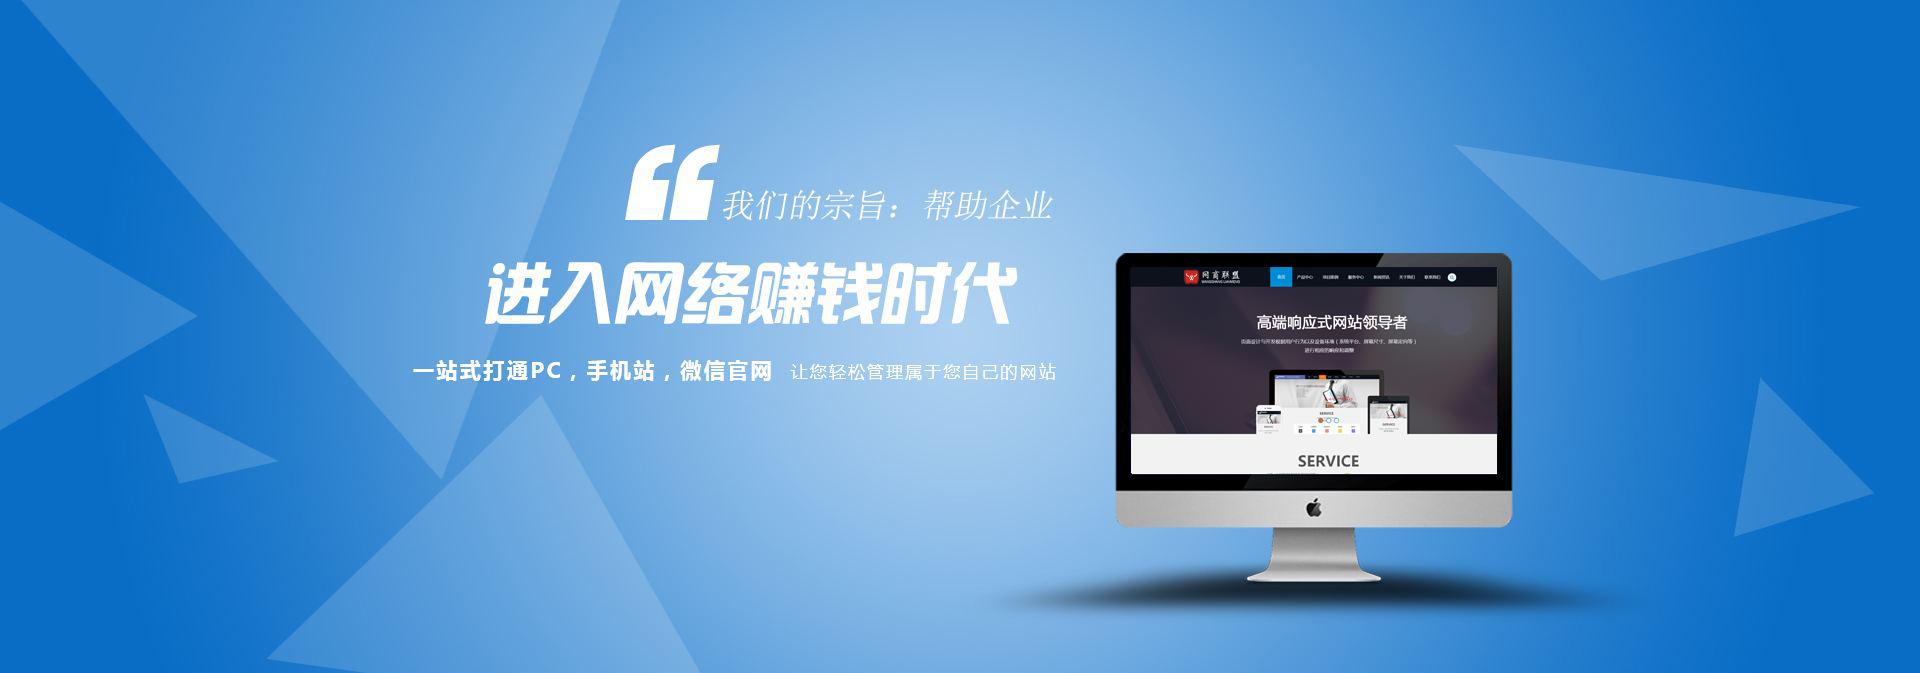 单页面网站如何做好SEO